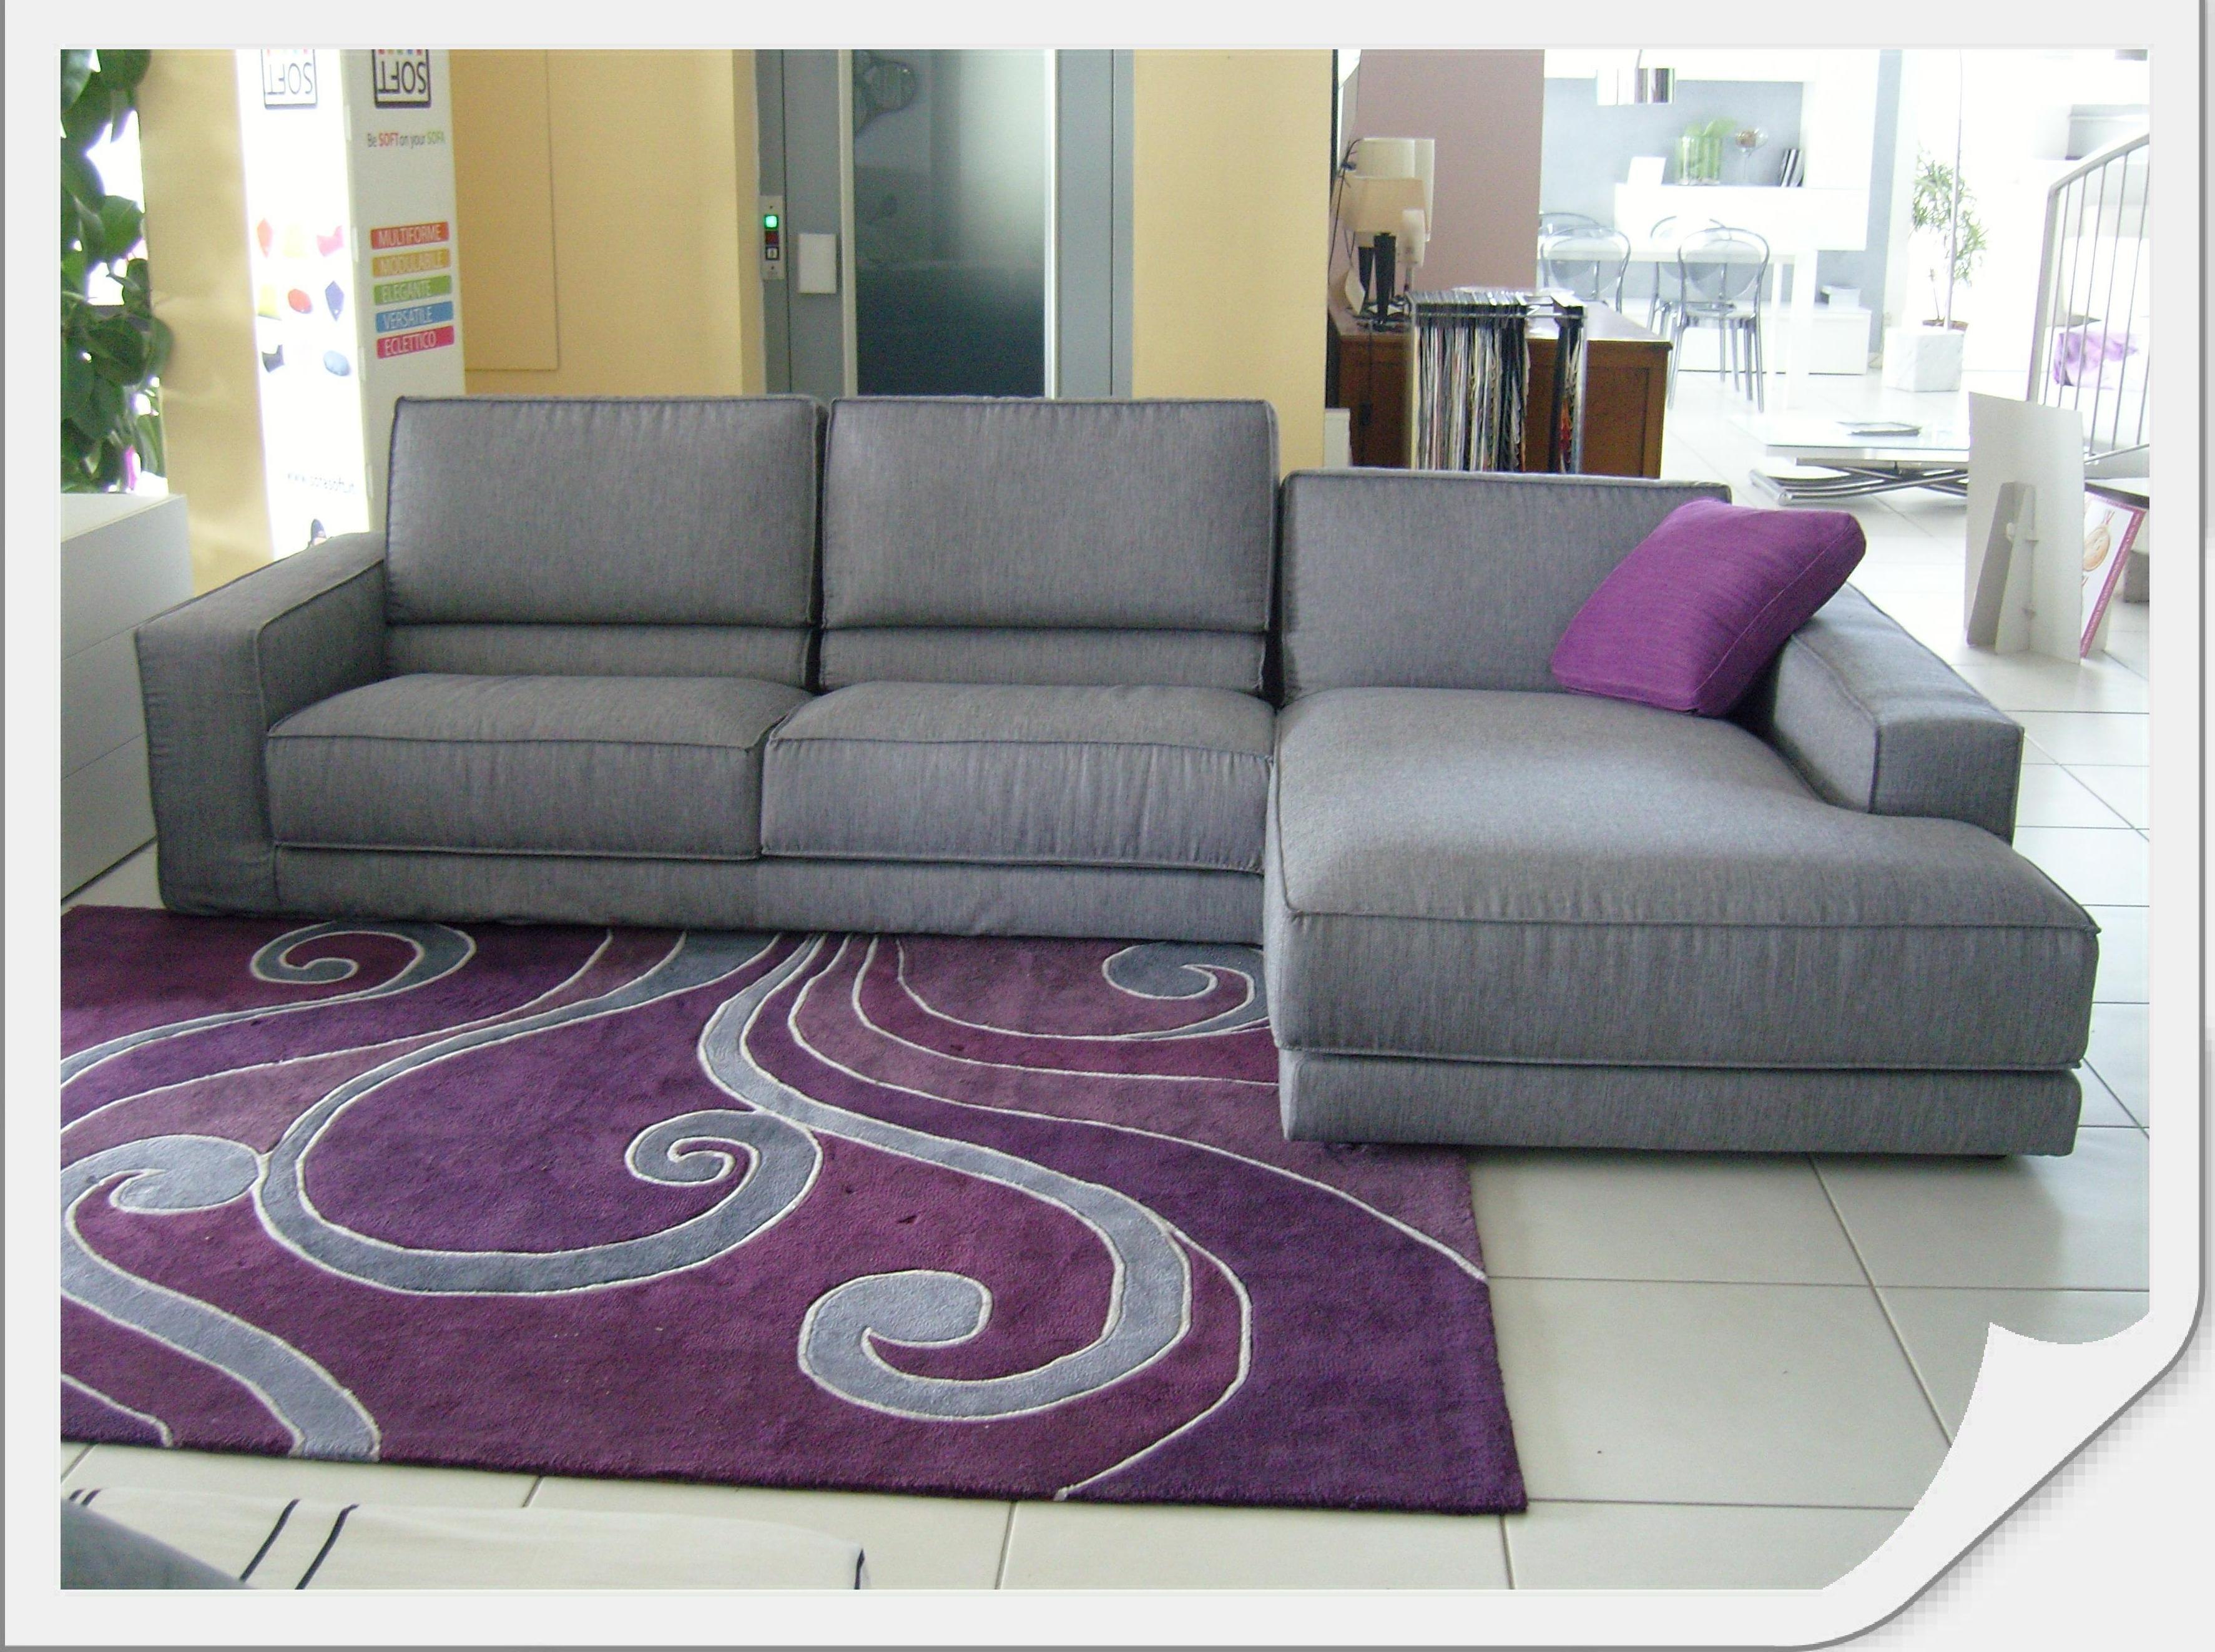 Bello Letto Barocco Moderno #5: Offerta-divano-bontempi_O1.jpg